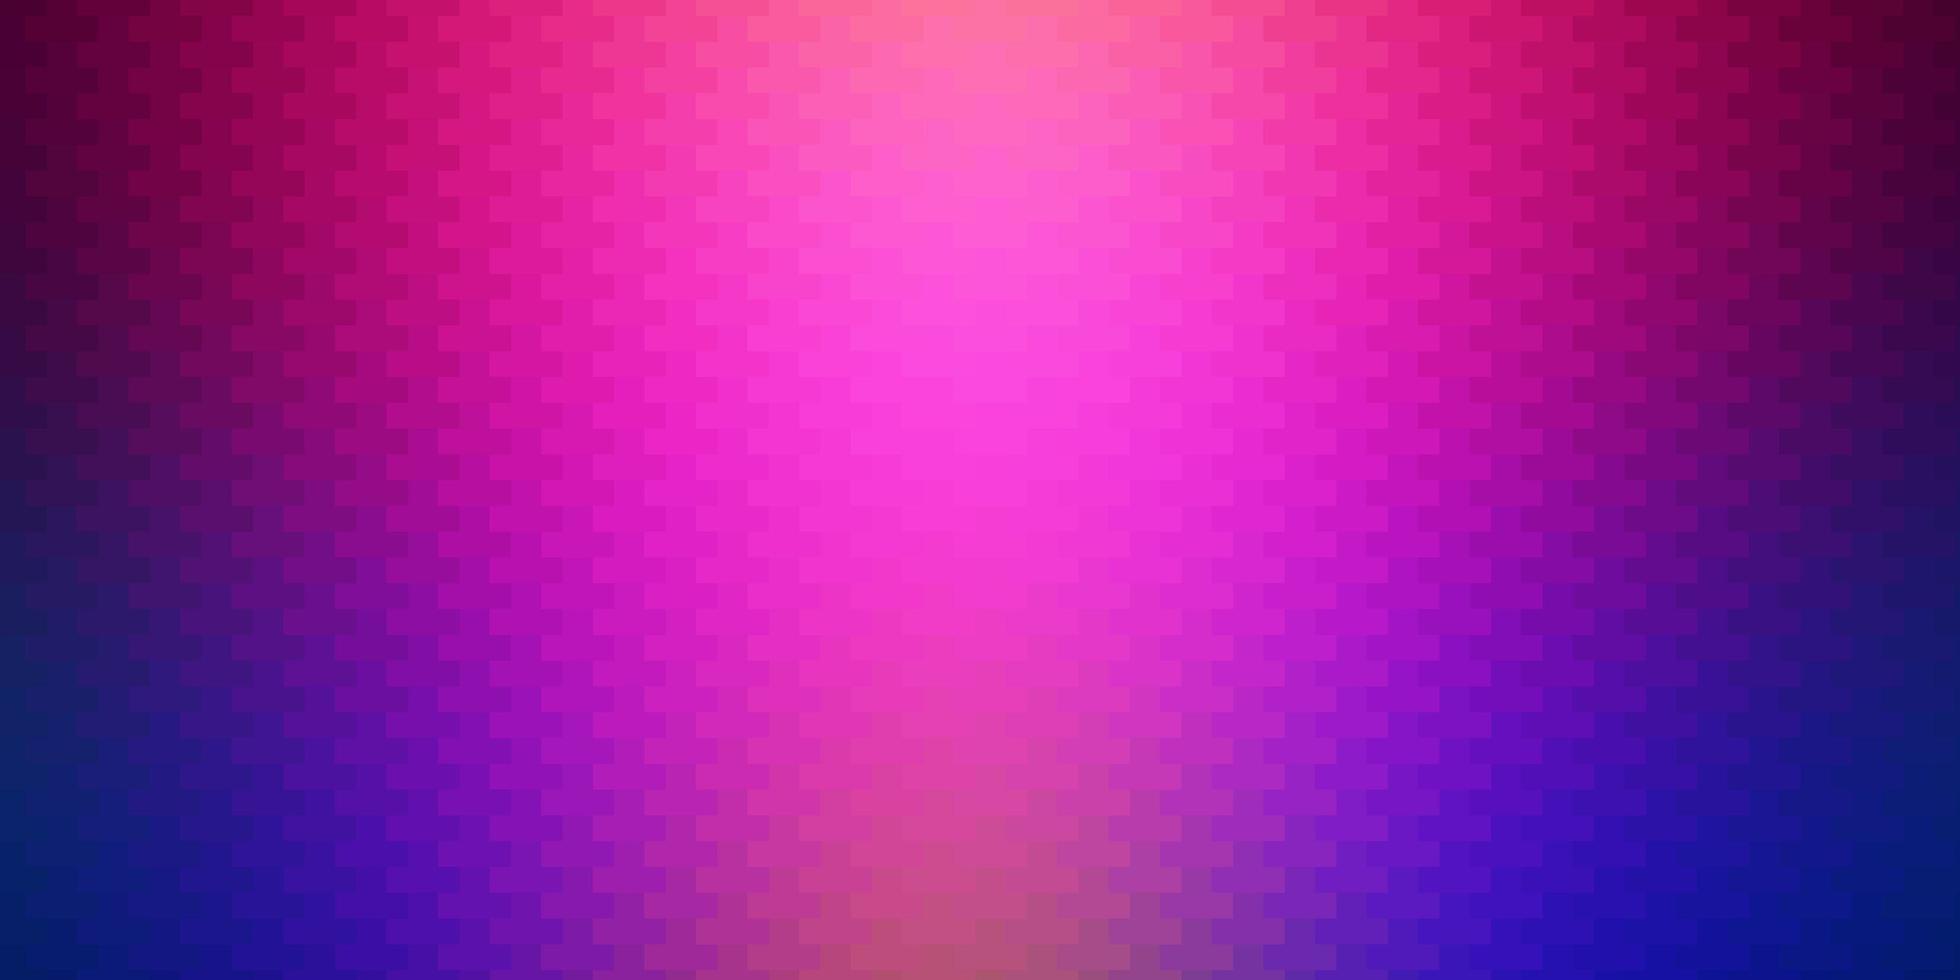 dunkles mehrfarbiges Vektorlayout mit Linien, Rechtecken. vektor